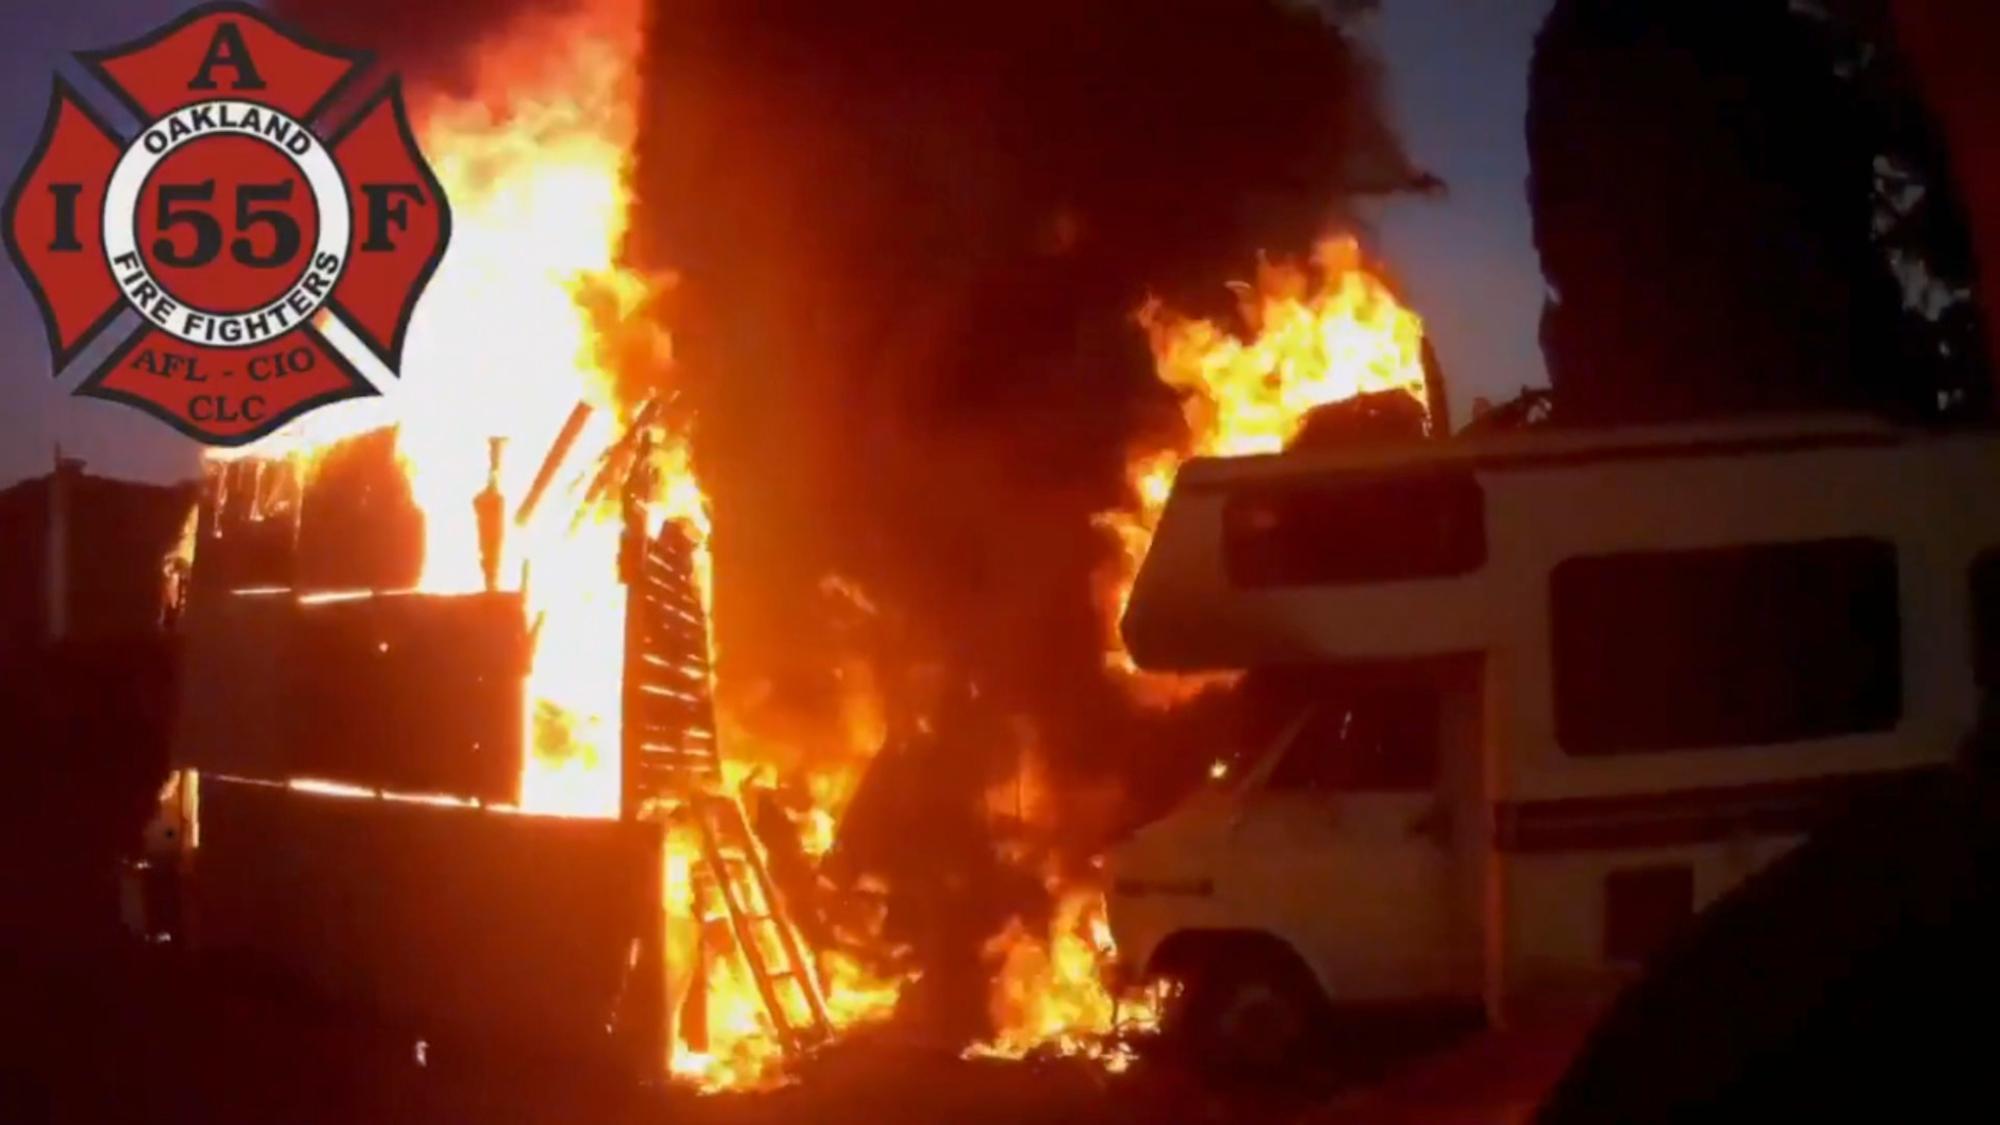 VIDEO: Oakland Firefighters Battle RV Blaze